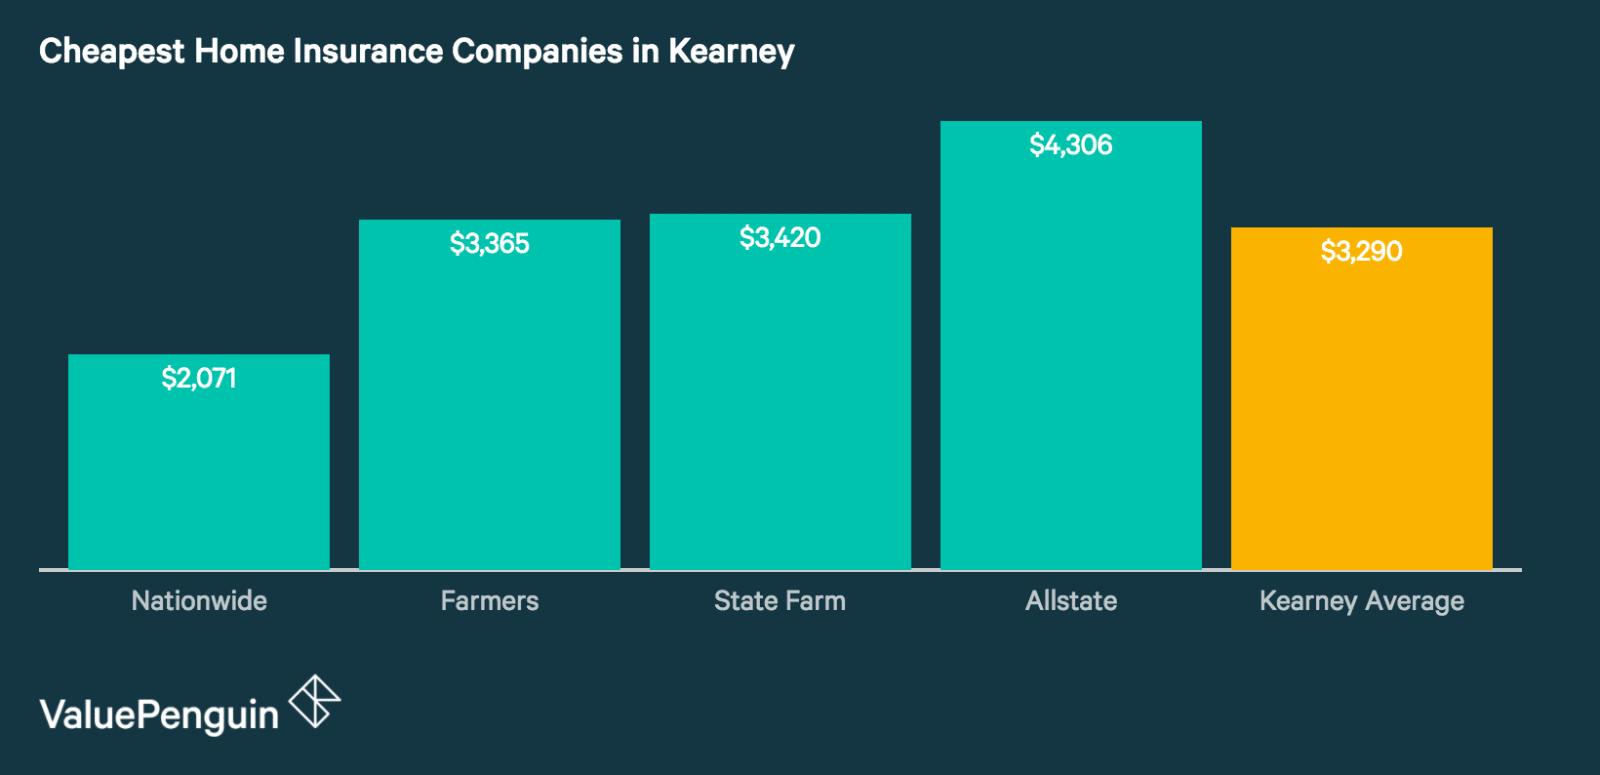 Best Cheap Home Insurance Companies in Kearney